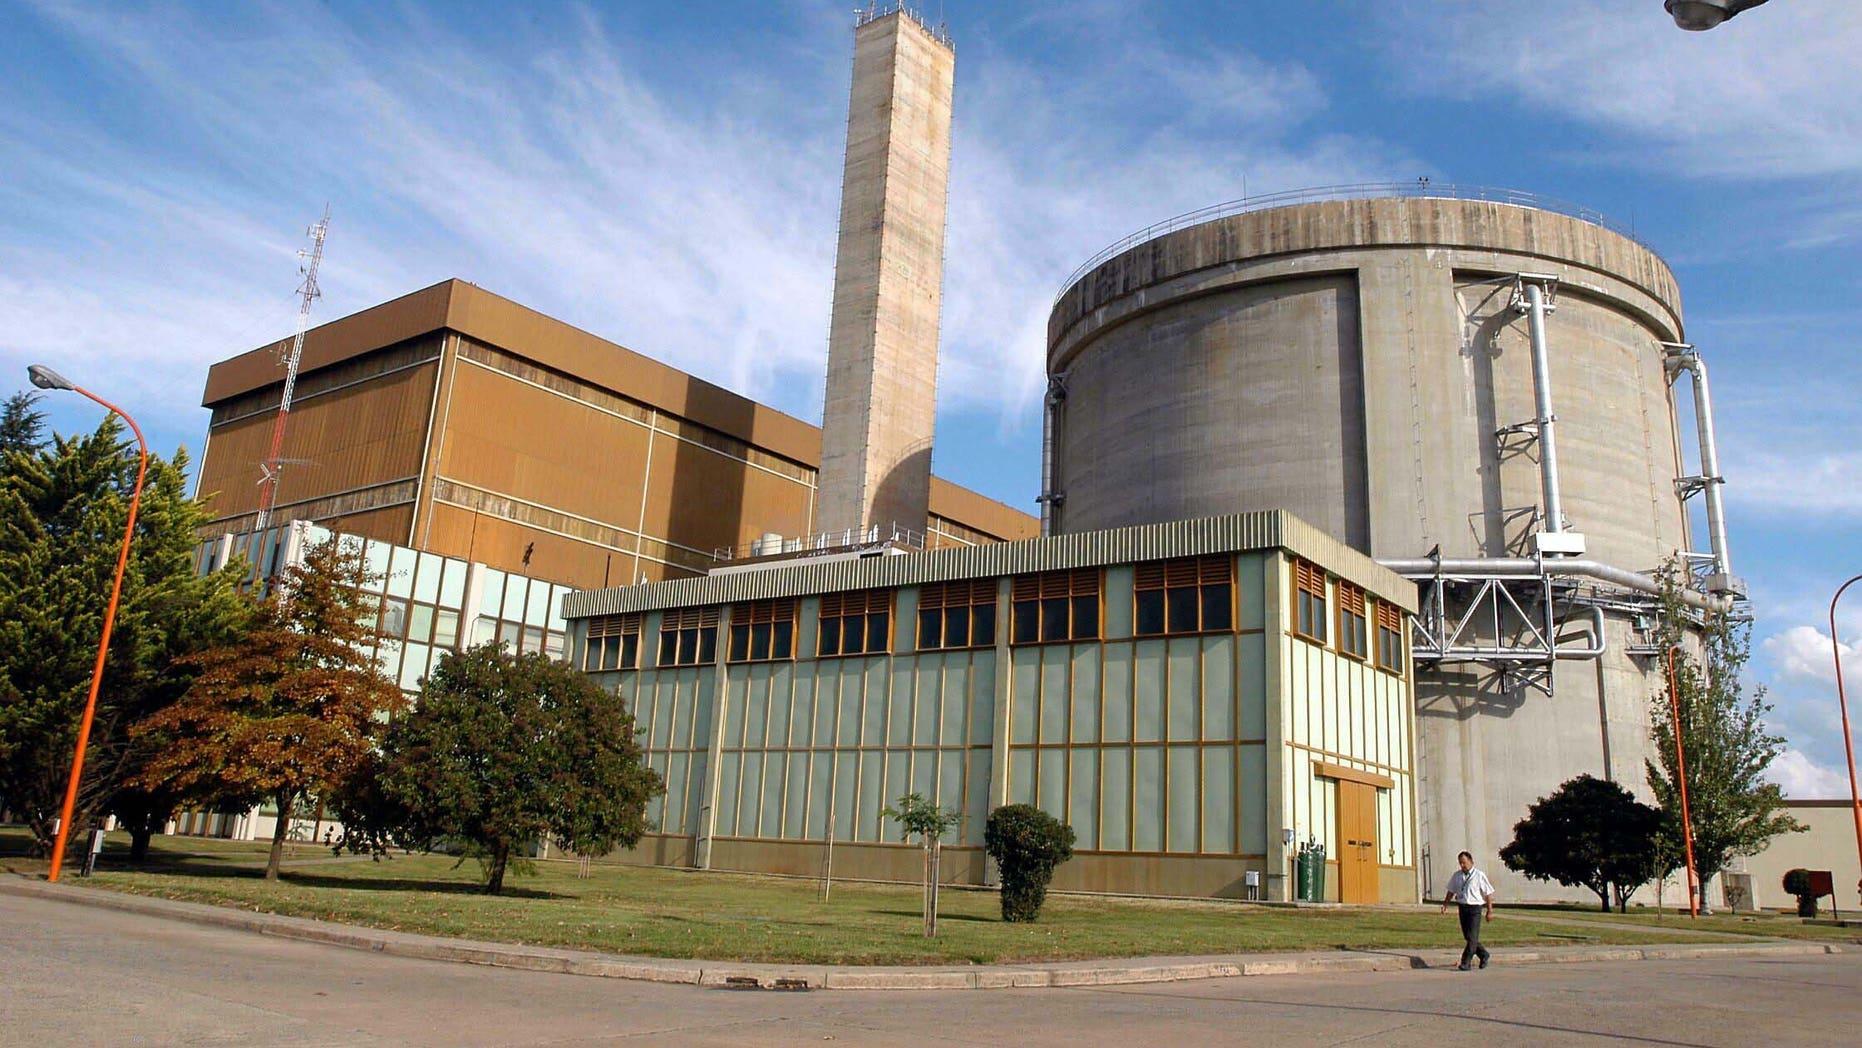 Embalse. Central Nuclear. Vista de la planta, desde adentro del predio. Foto Rinaudo, 26.4.08  26ato4.jpg    3322979